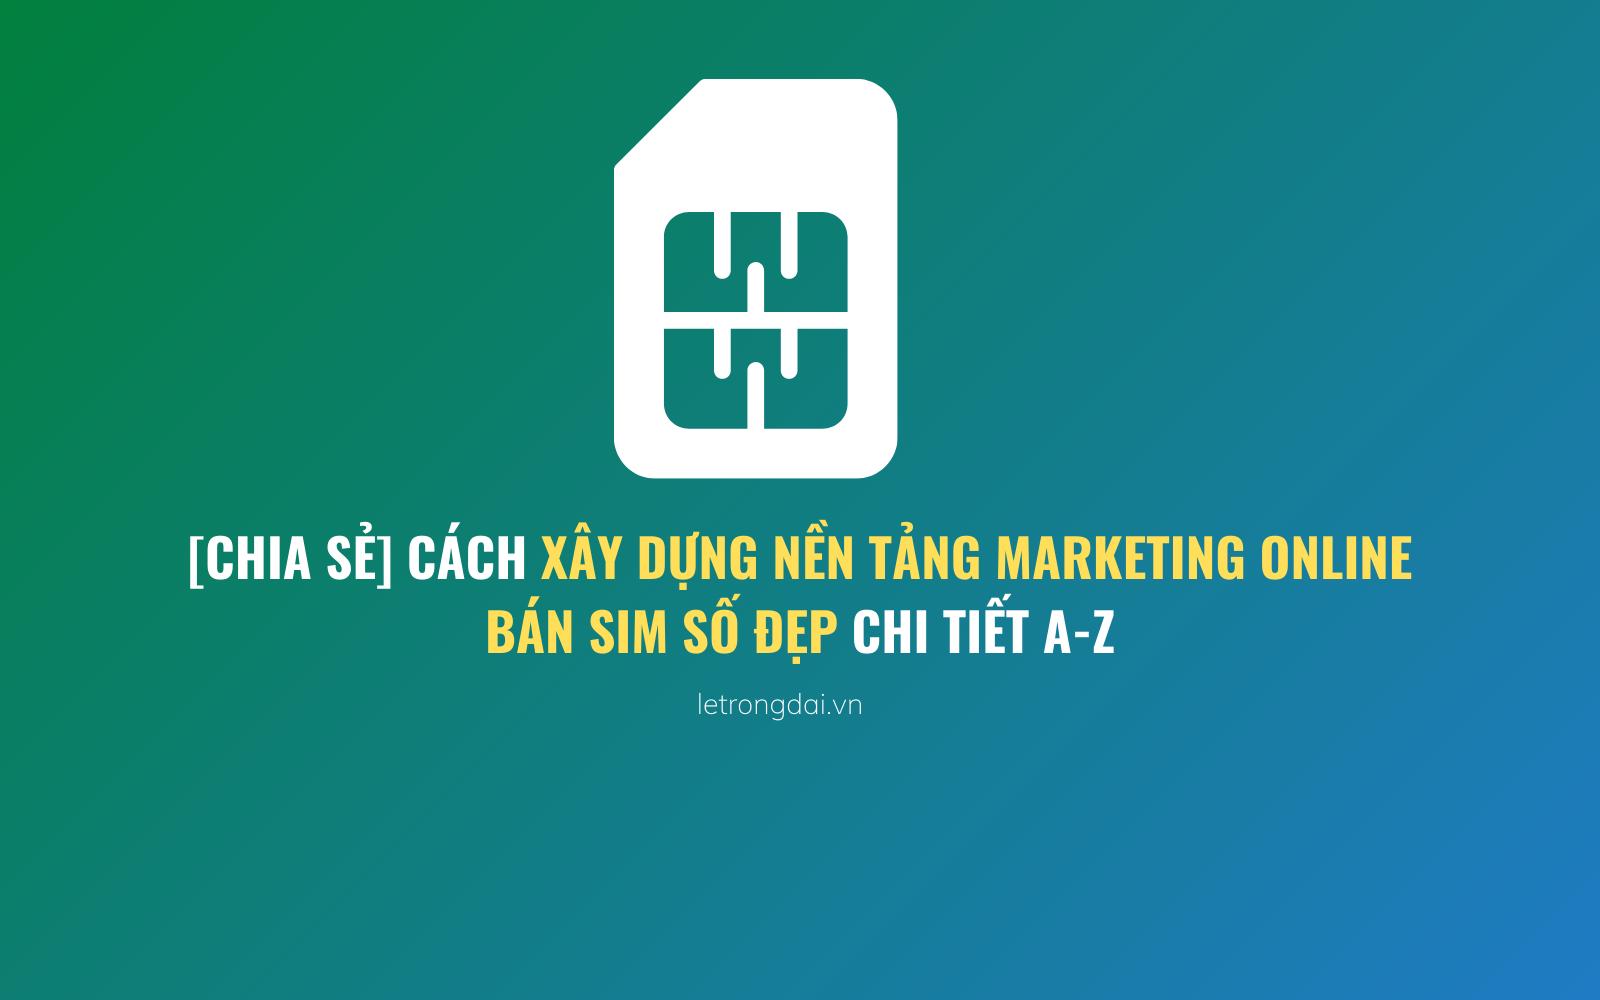 Cách Xây Dựng Nền Tảng Marketing Online Bán Sim Số đẹp 1